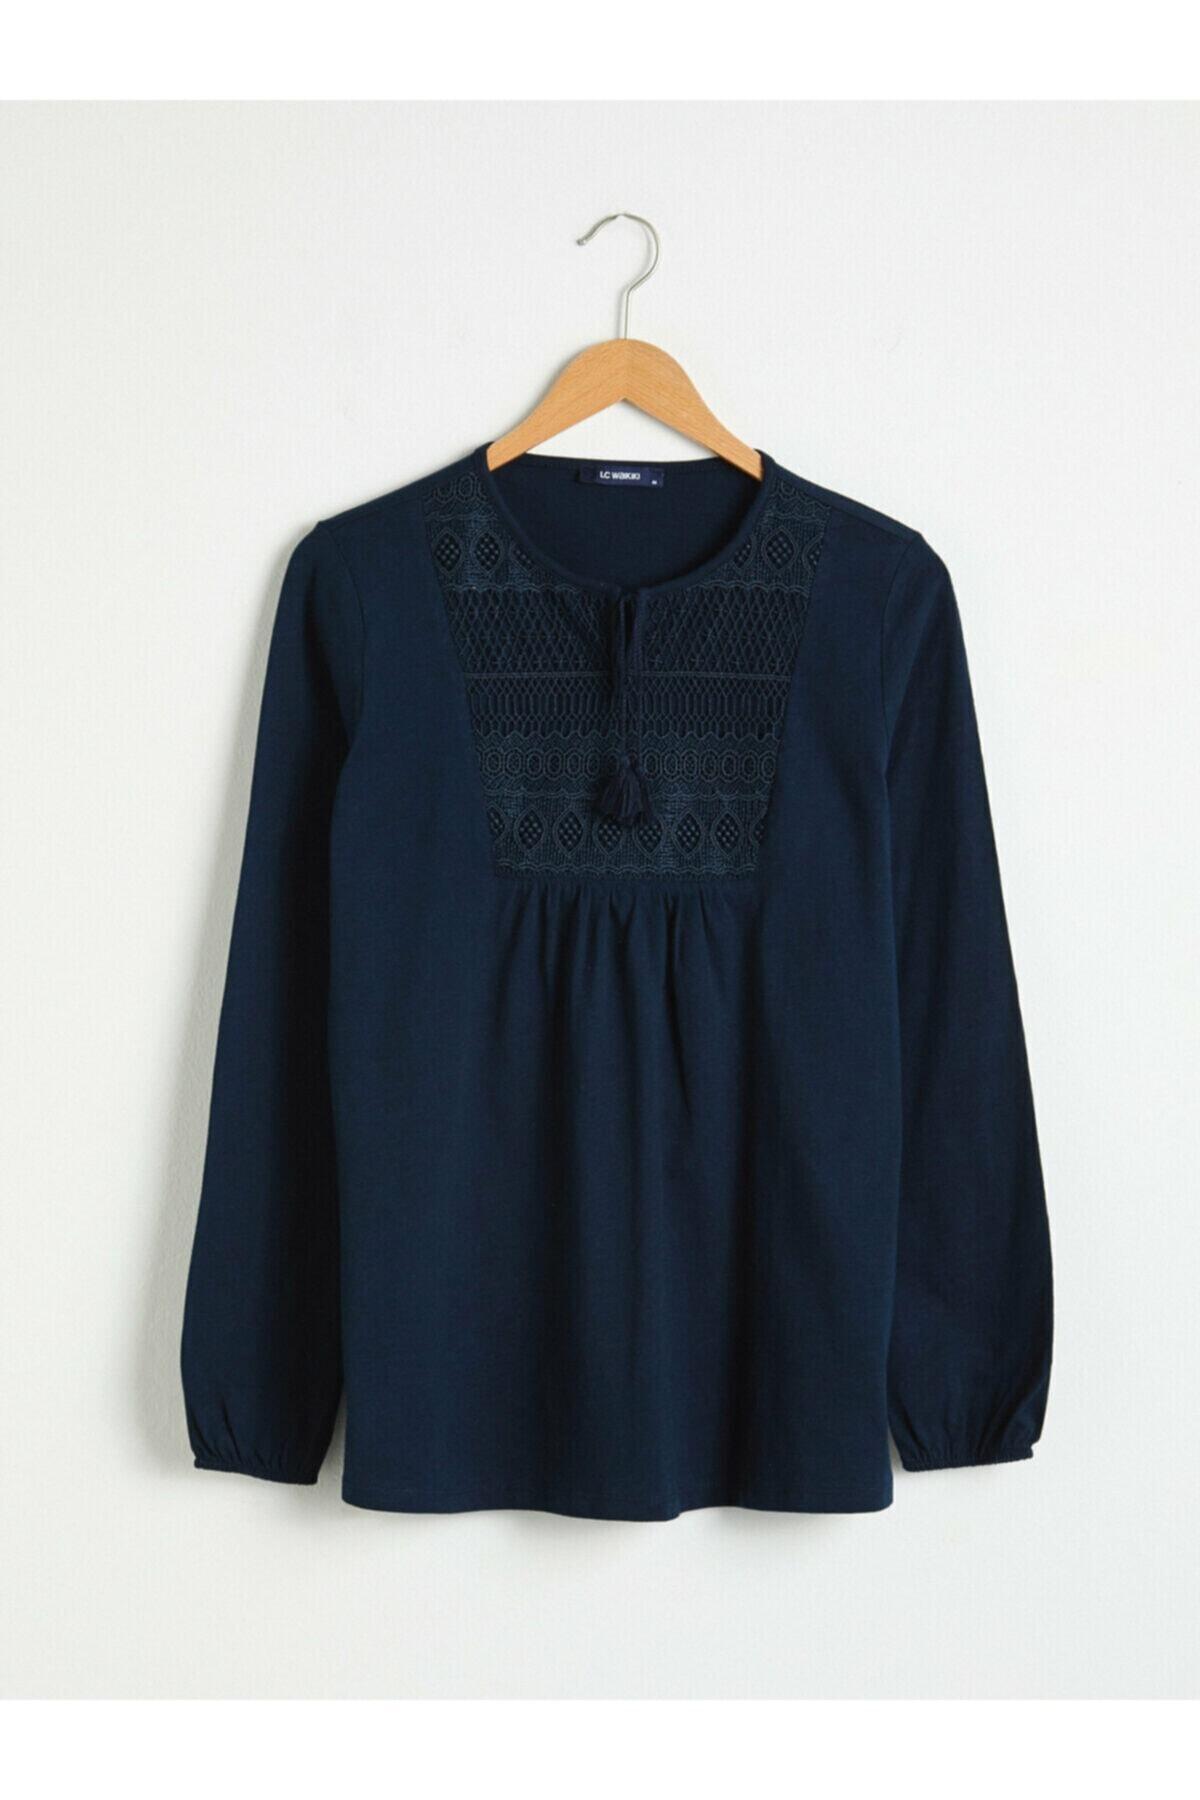 LC Waikiki Kadın Lacivert Bluz 1